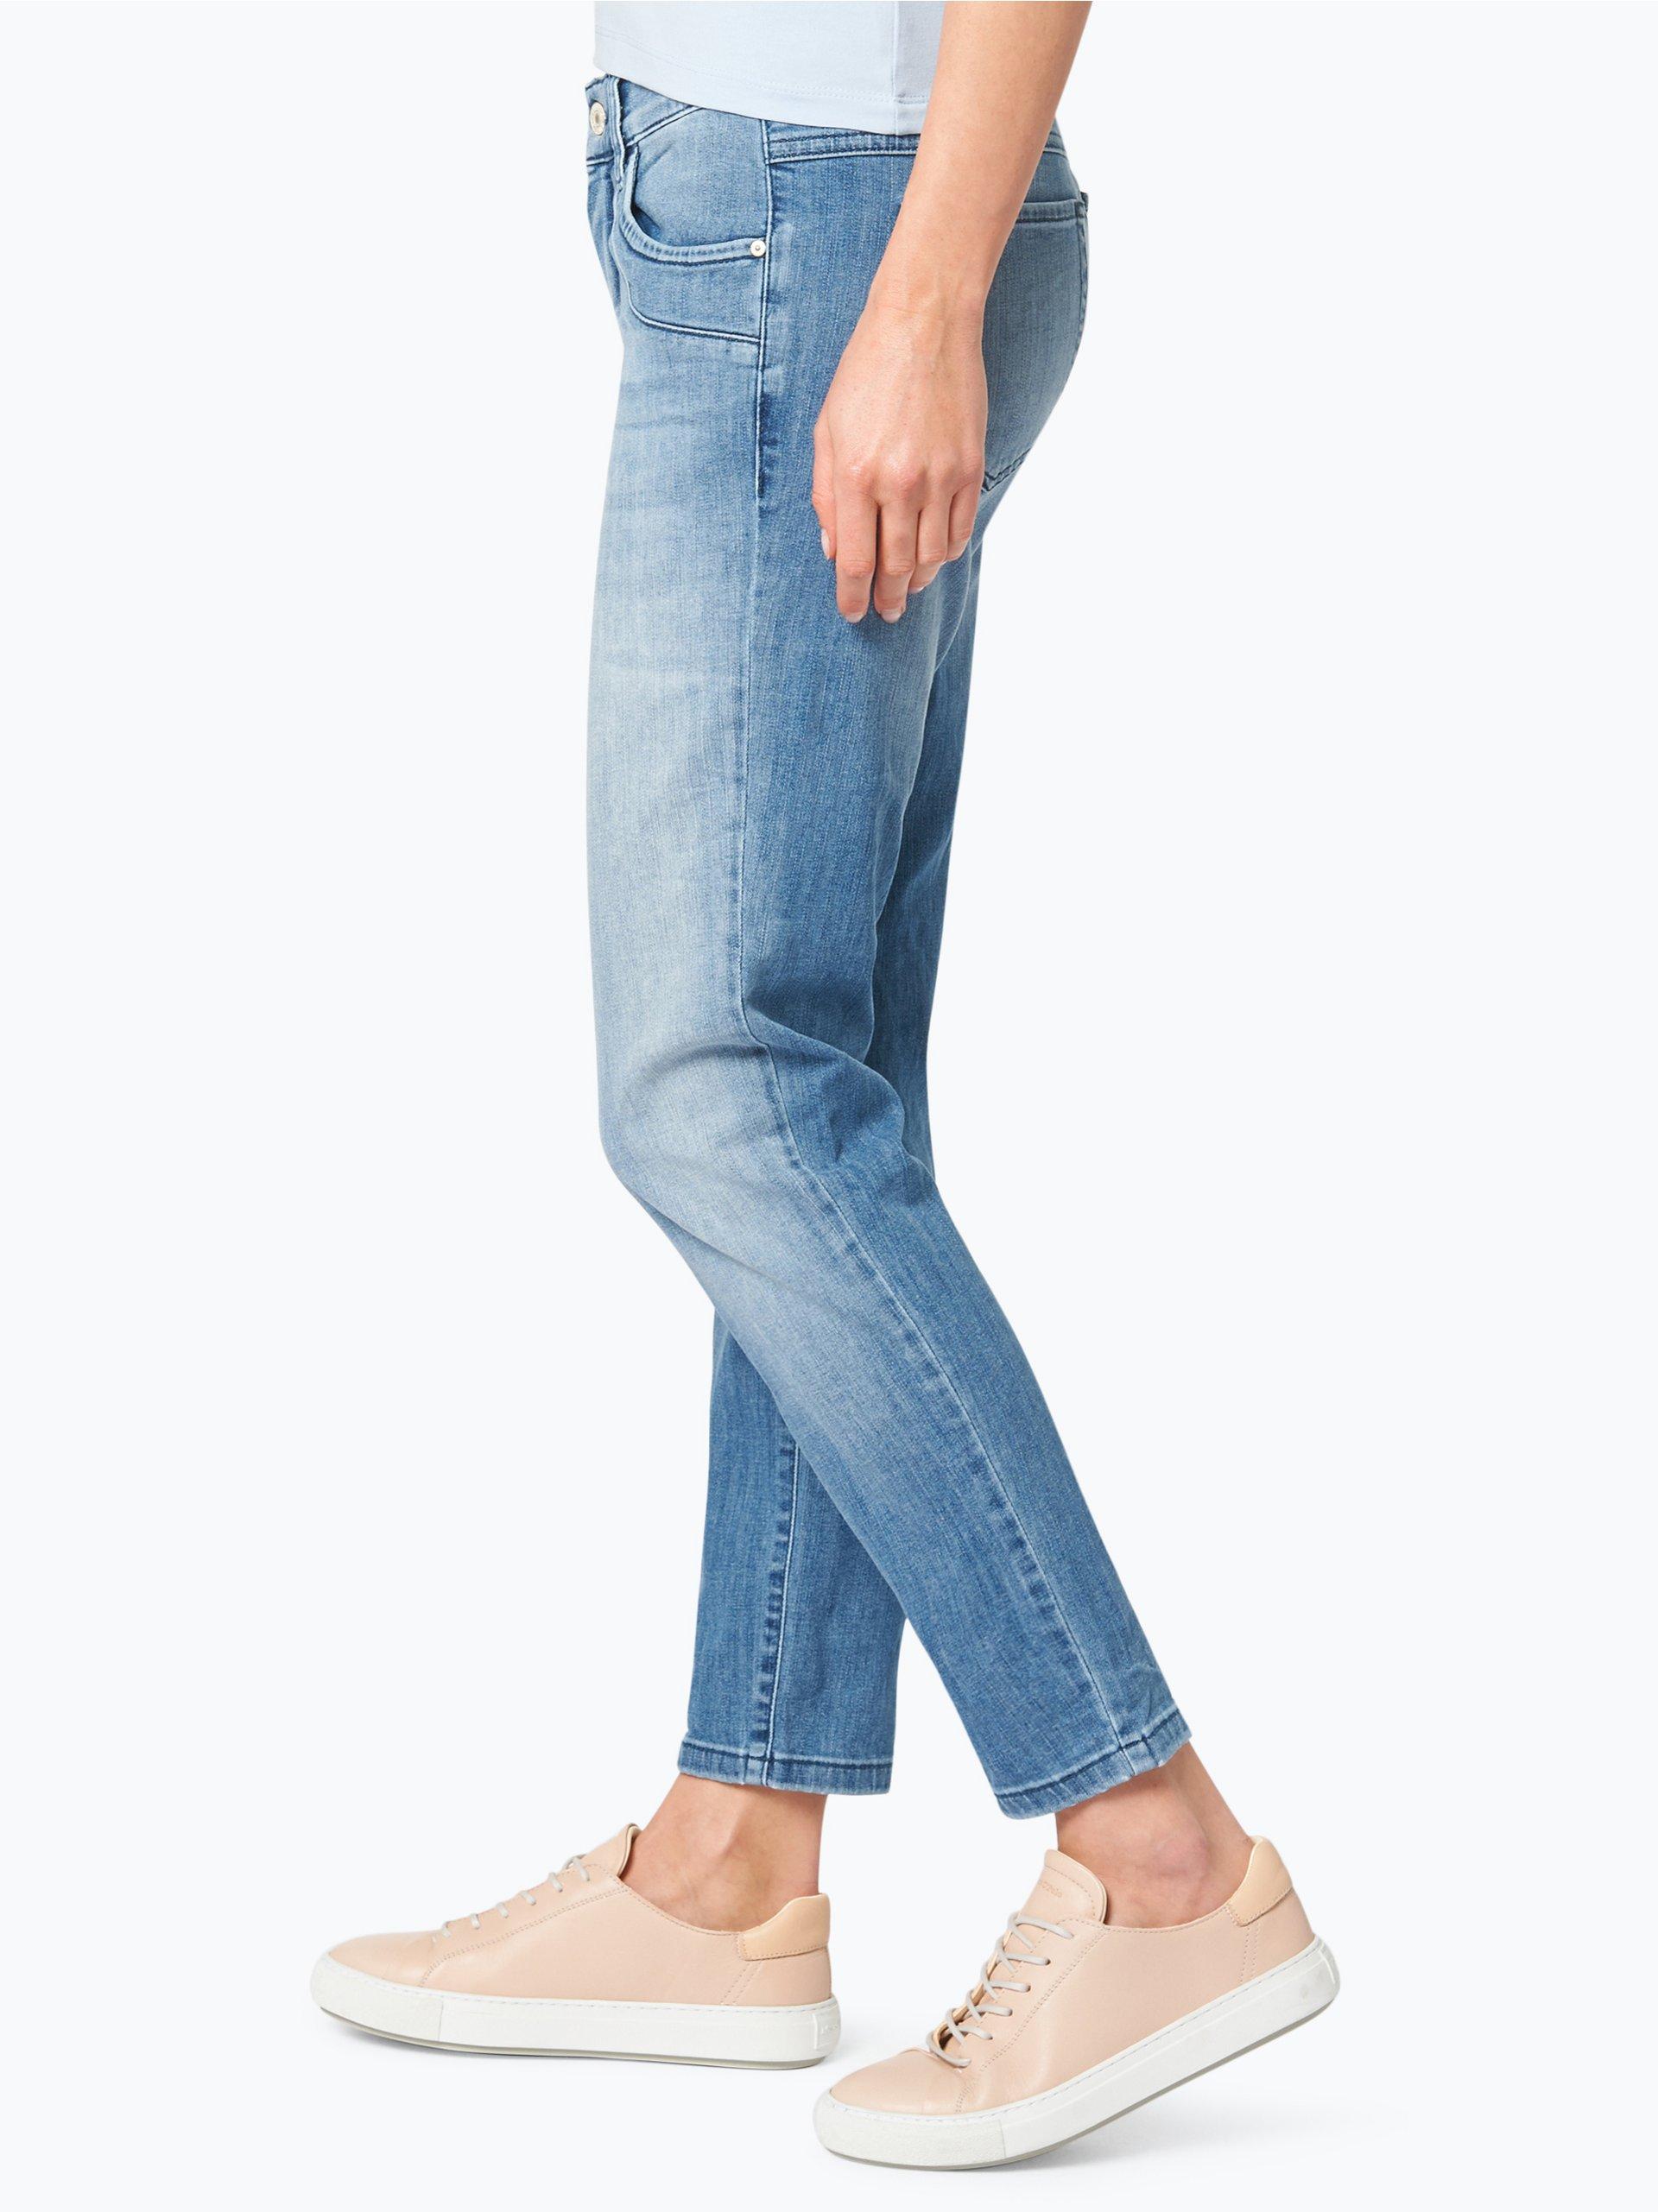 Jeans Damen de Und Mona KaufenPeek Cloppenburg Angels Online OTwkXlPZiu